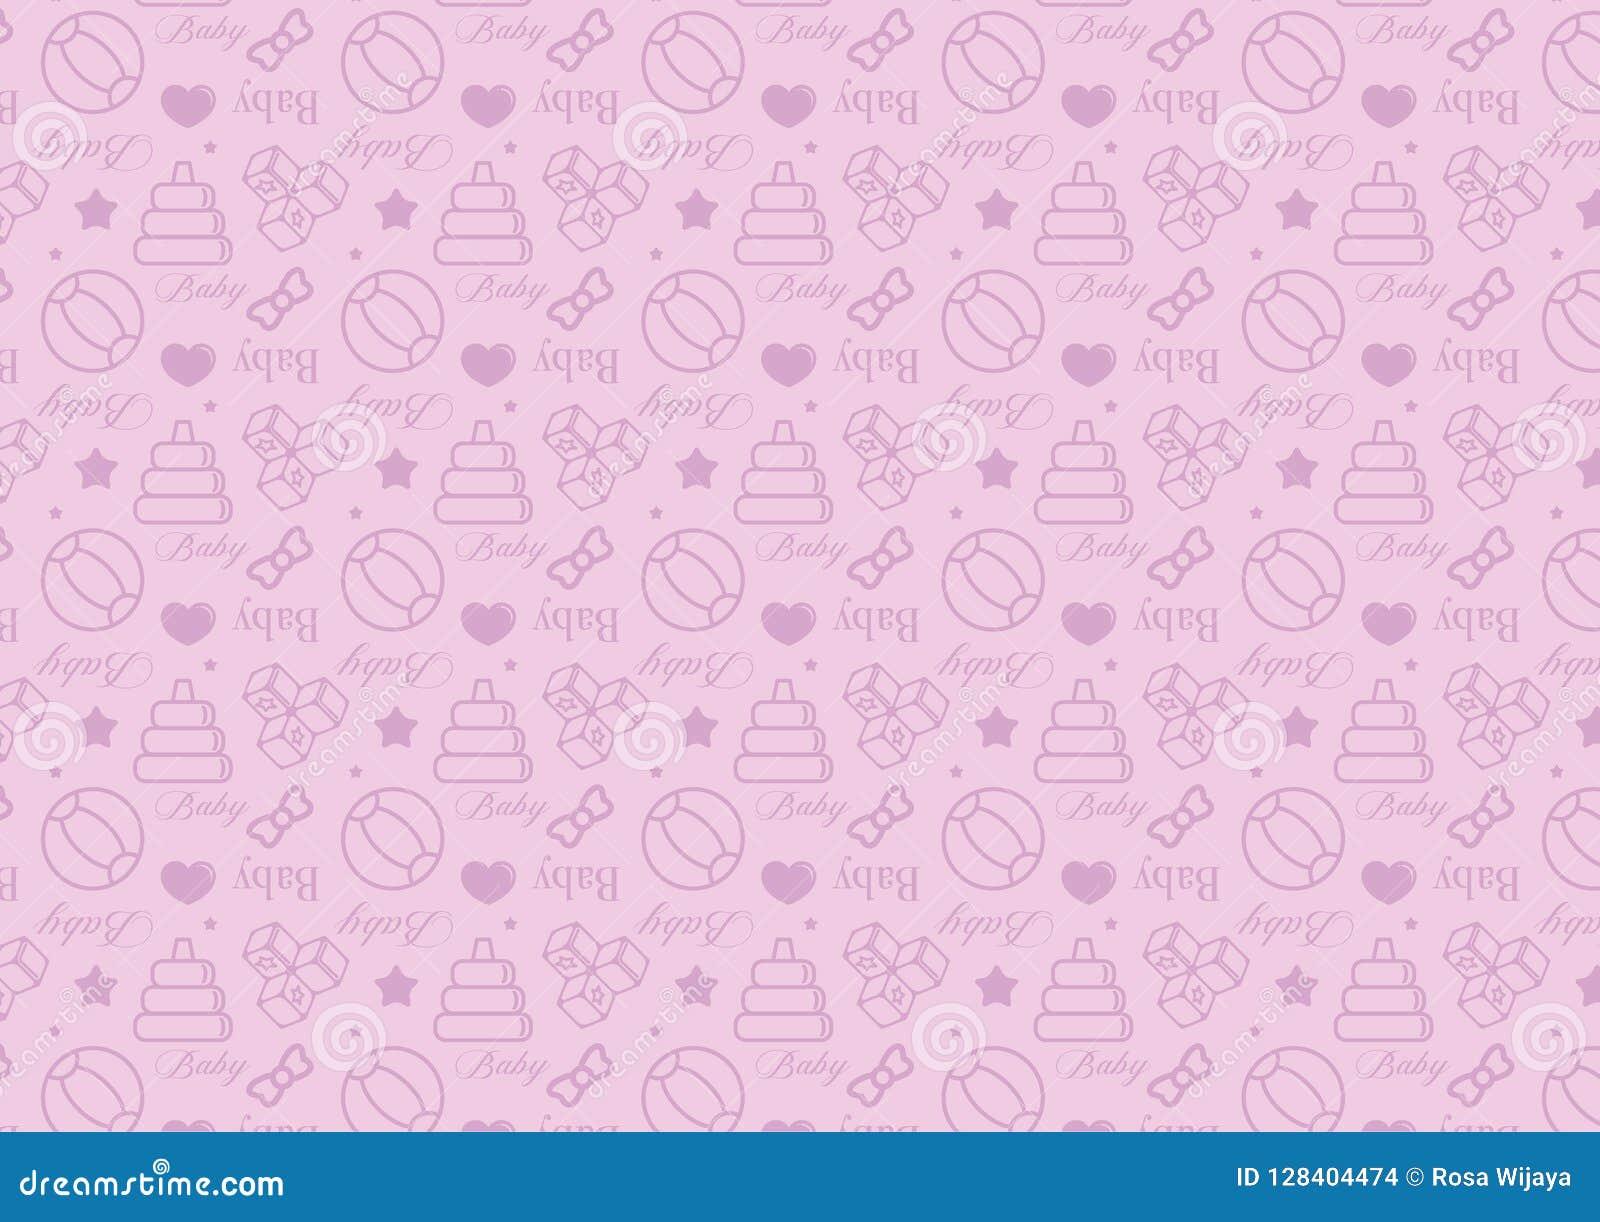 Άνευ ραφής σχέδιο στο εικονίδιο ύφους γραμμών με διάνυσμα θέματος παιχνιδιών μωρών το editable resizable πλήρως στο μαλακό μπλε χ